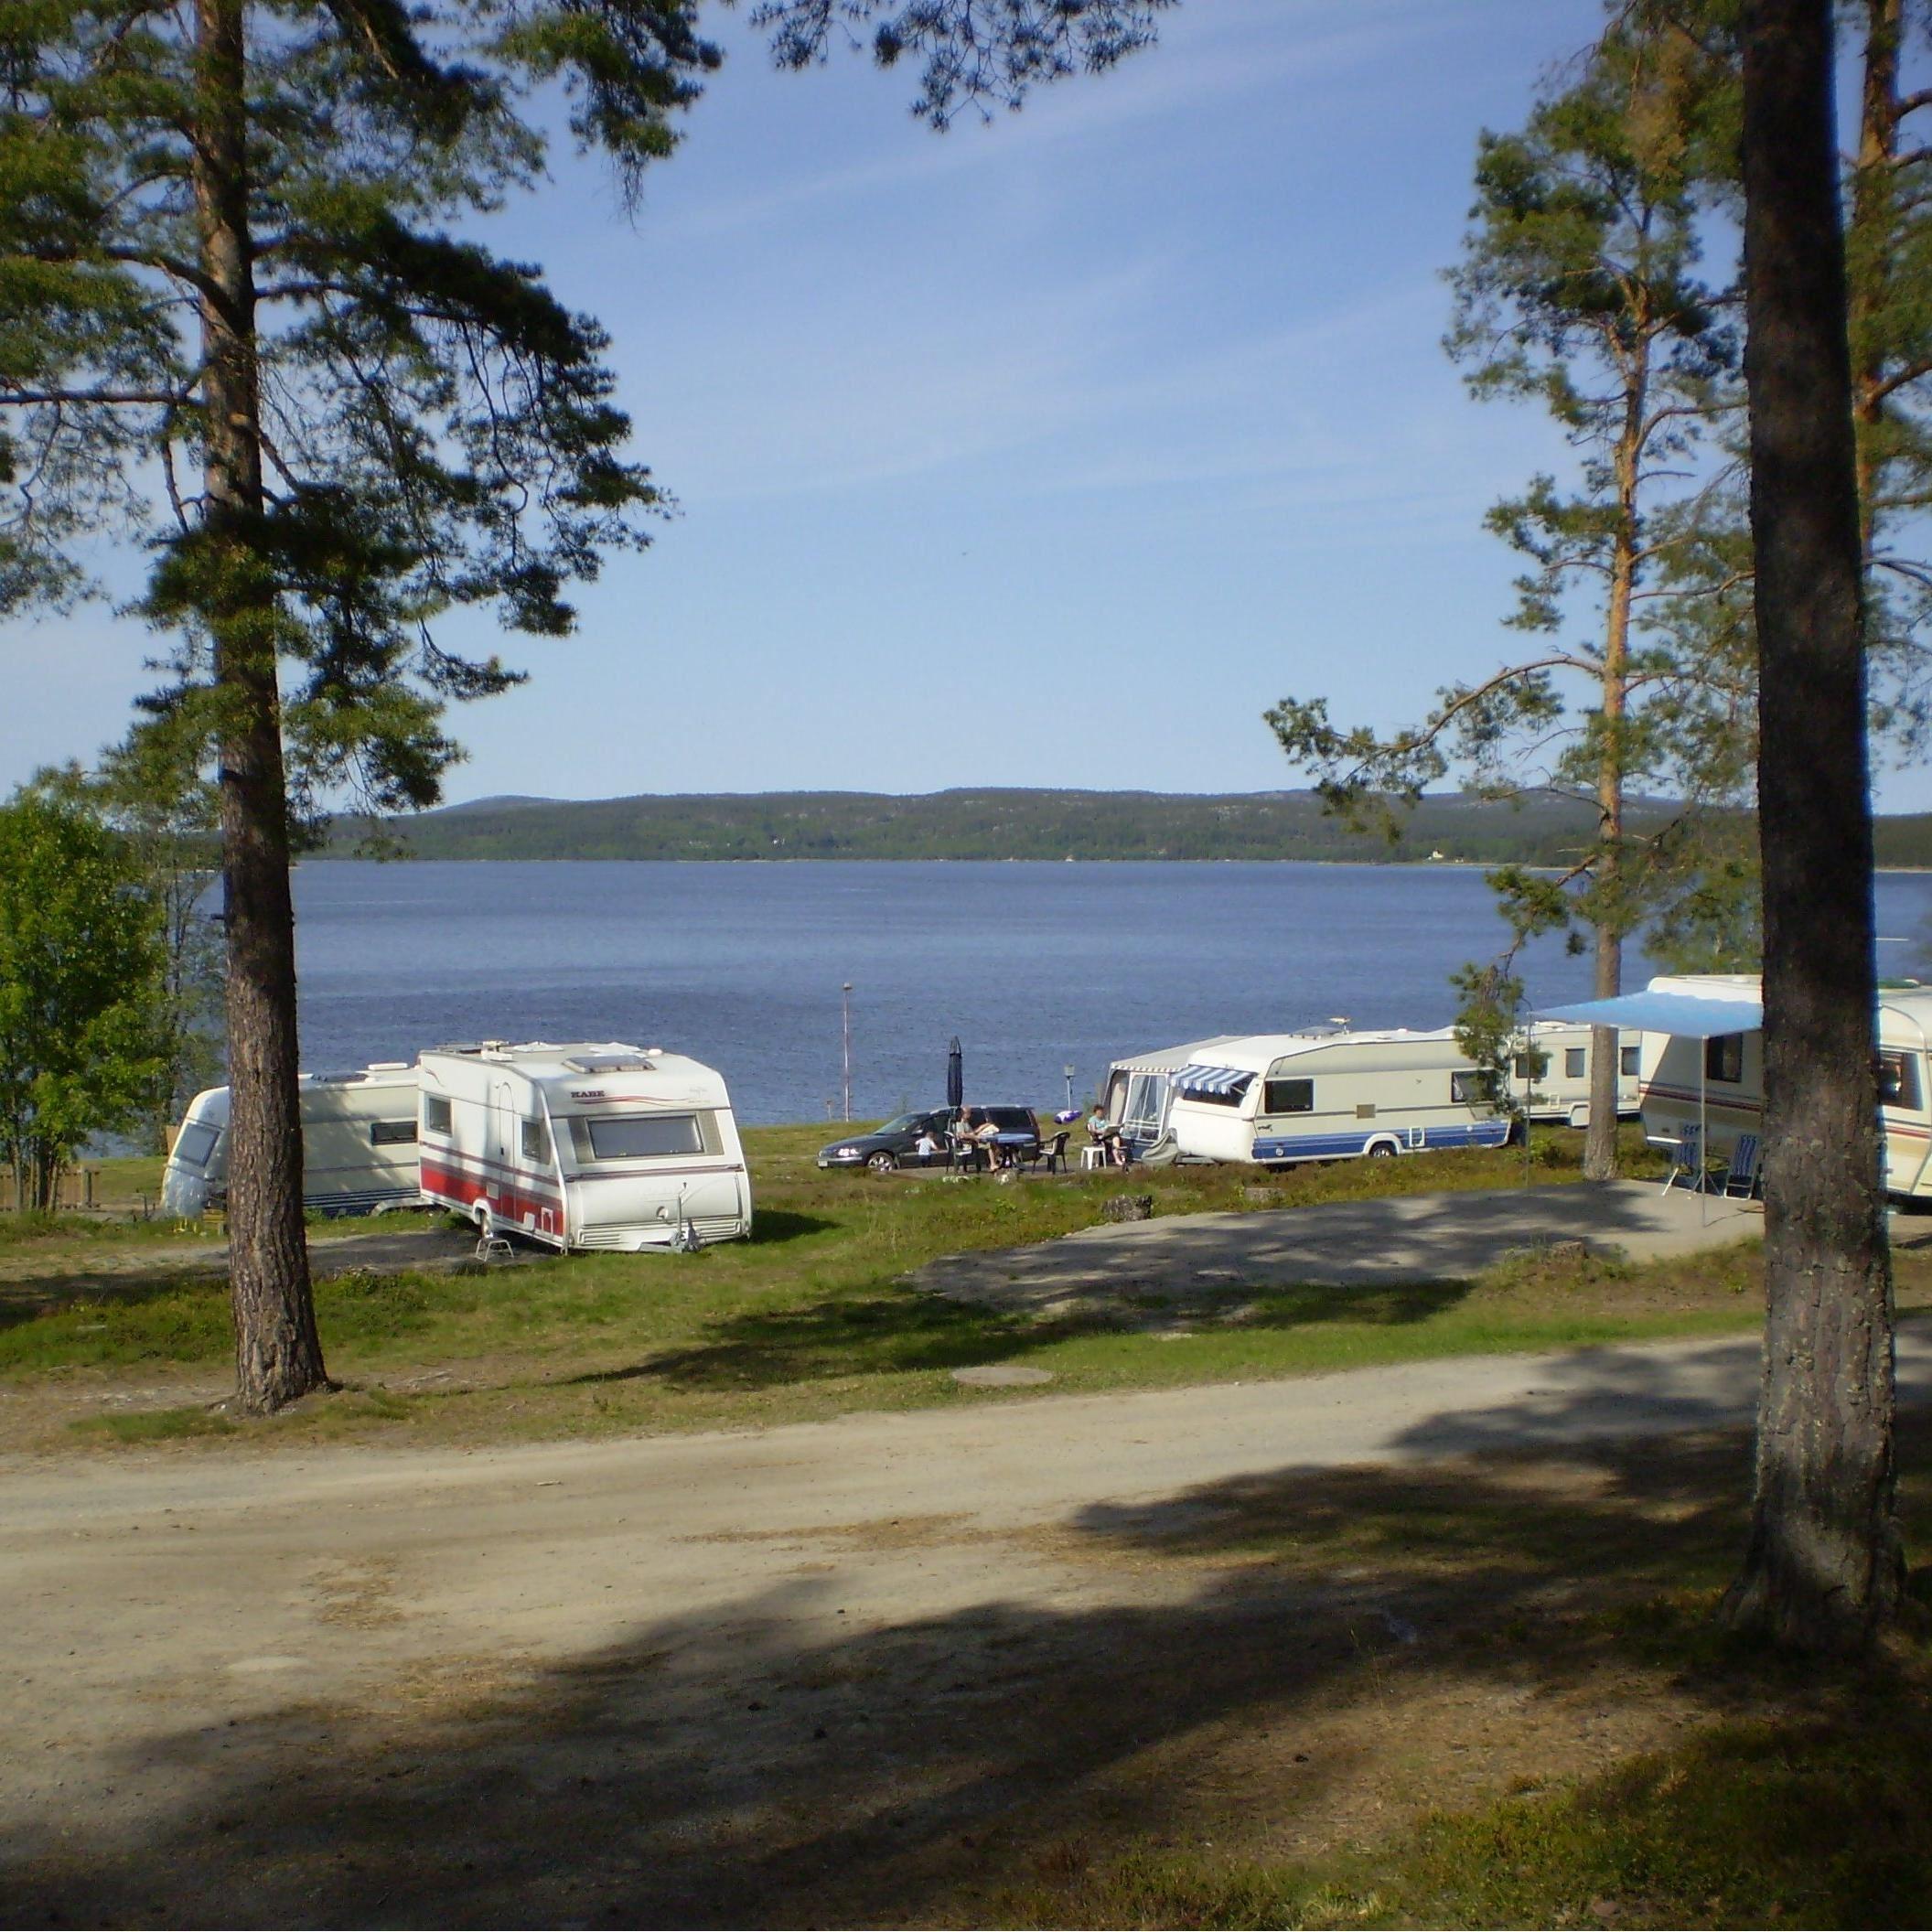 Sälstens Camping